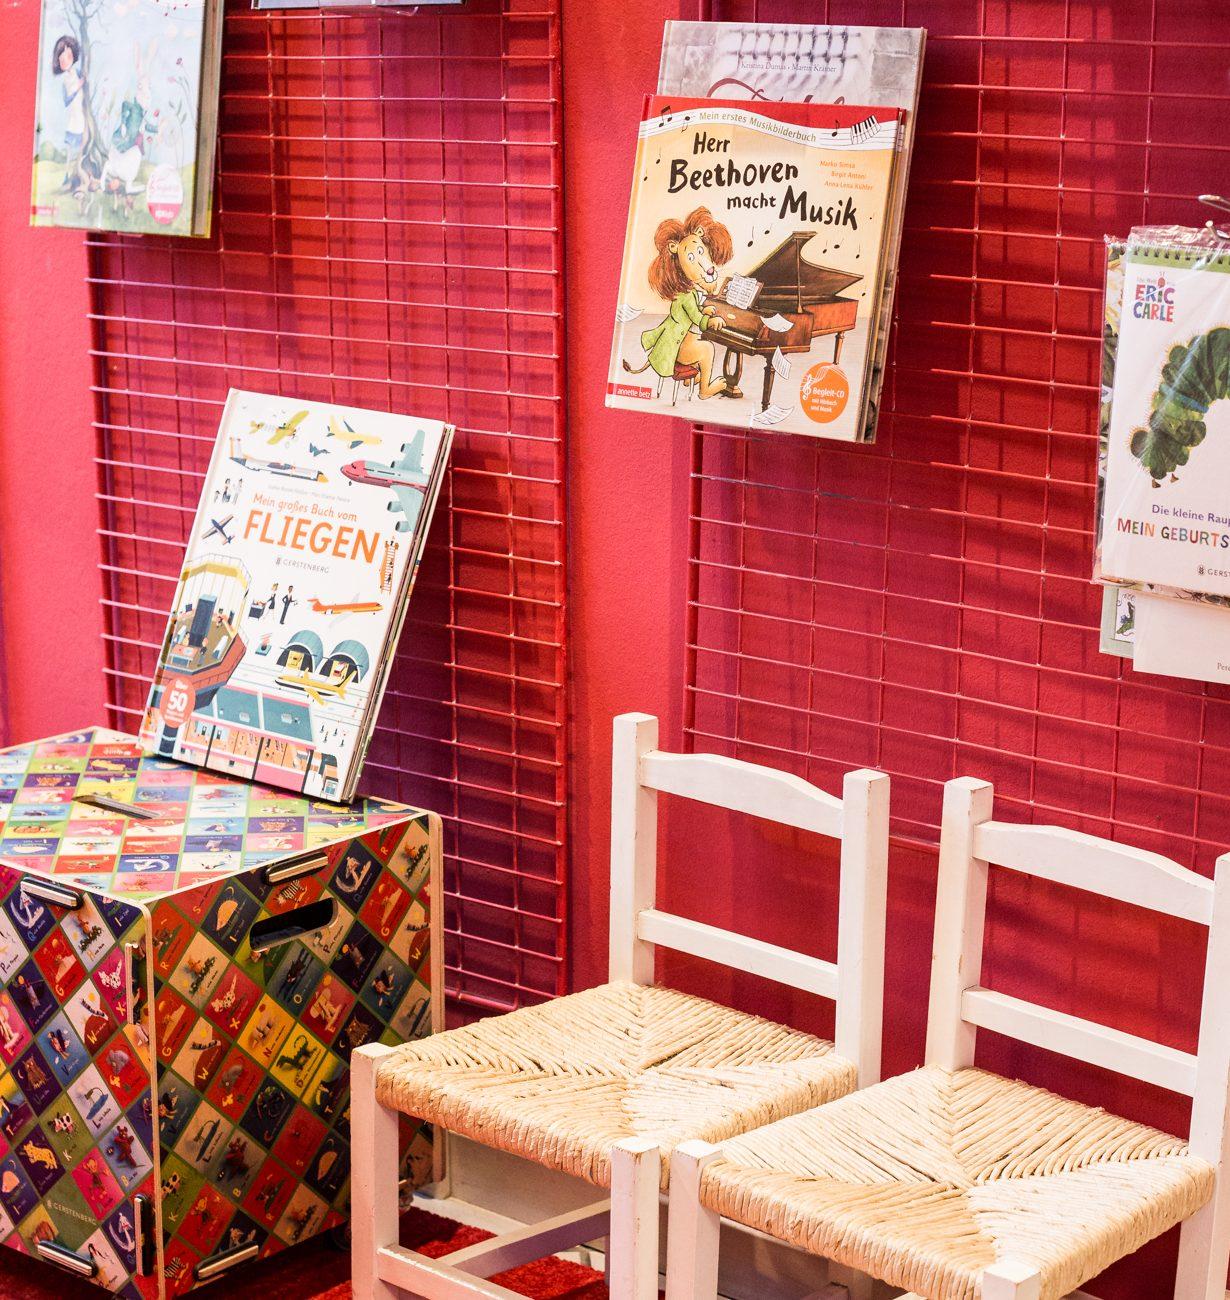 Kinderbuch | Parkbuchhandlung | Kinderstühle| Spielekiste | Bilderbücher